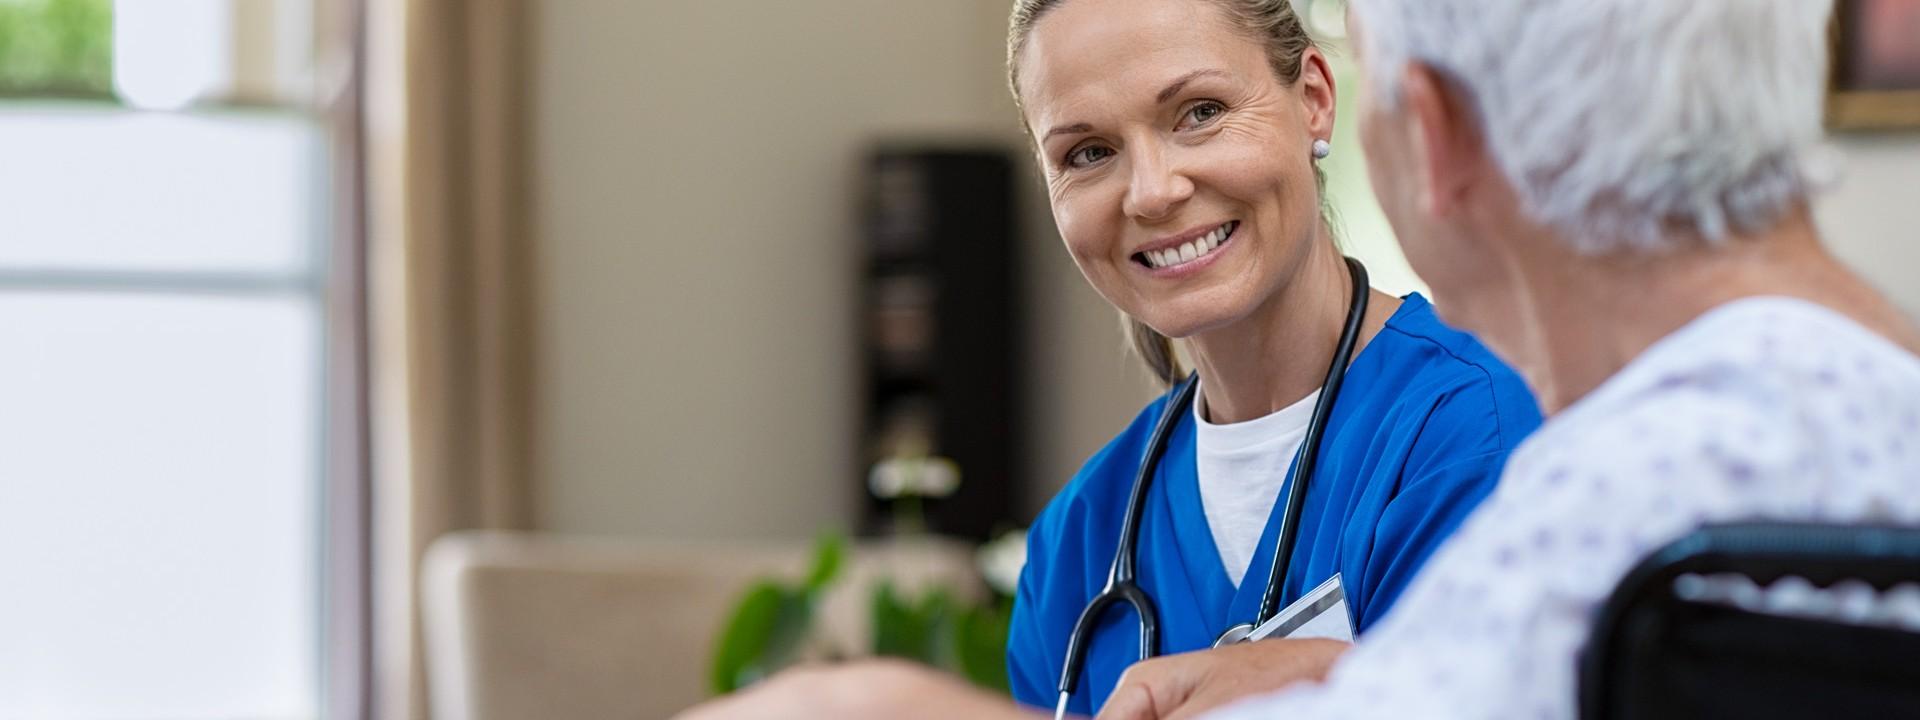 Eine blonde Frau mit blauem Kittel und Stethoskop um den Hals sitzt einer Seniorin gegenüber. Beide lächeln sich an.